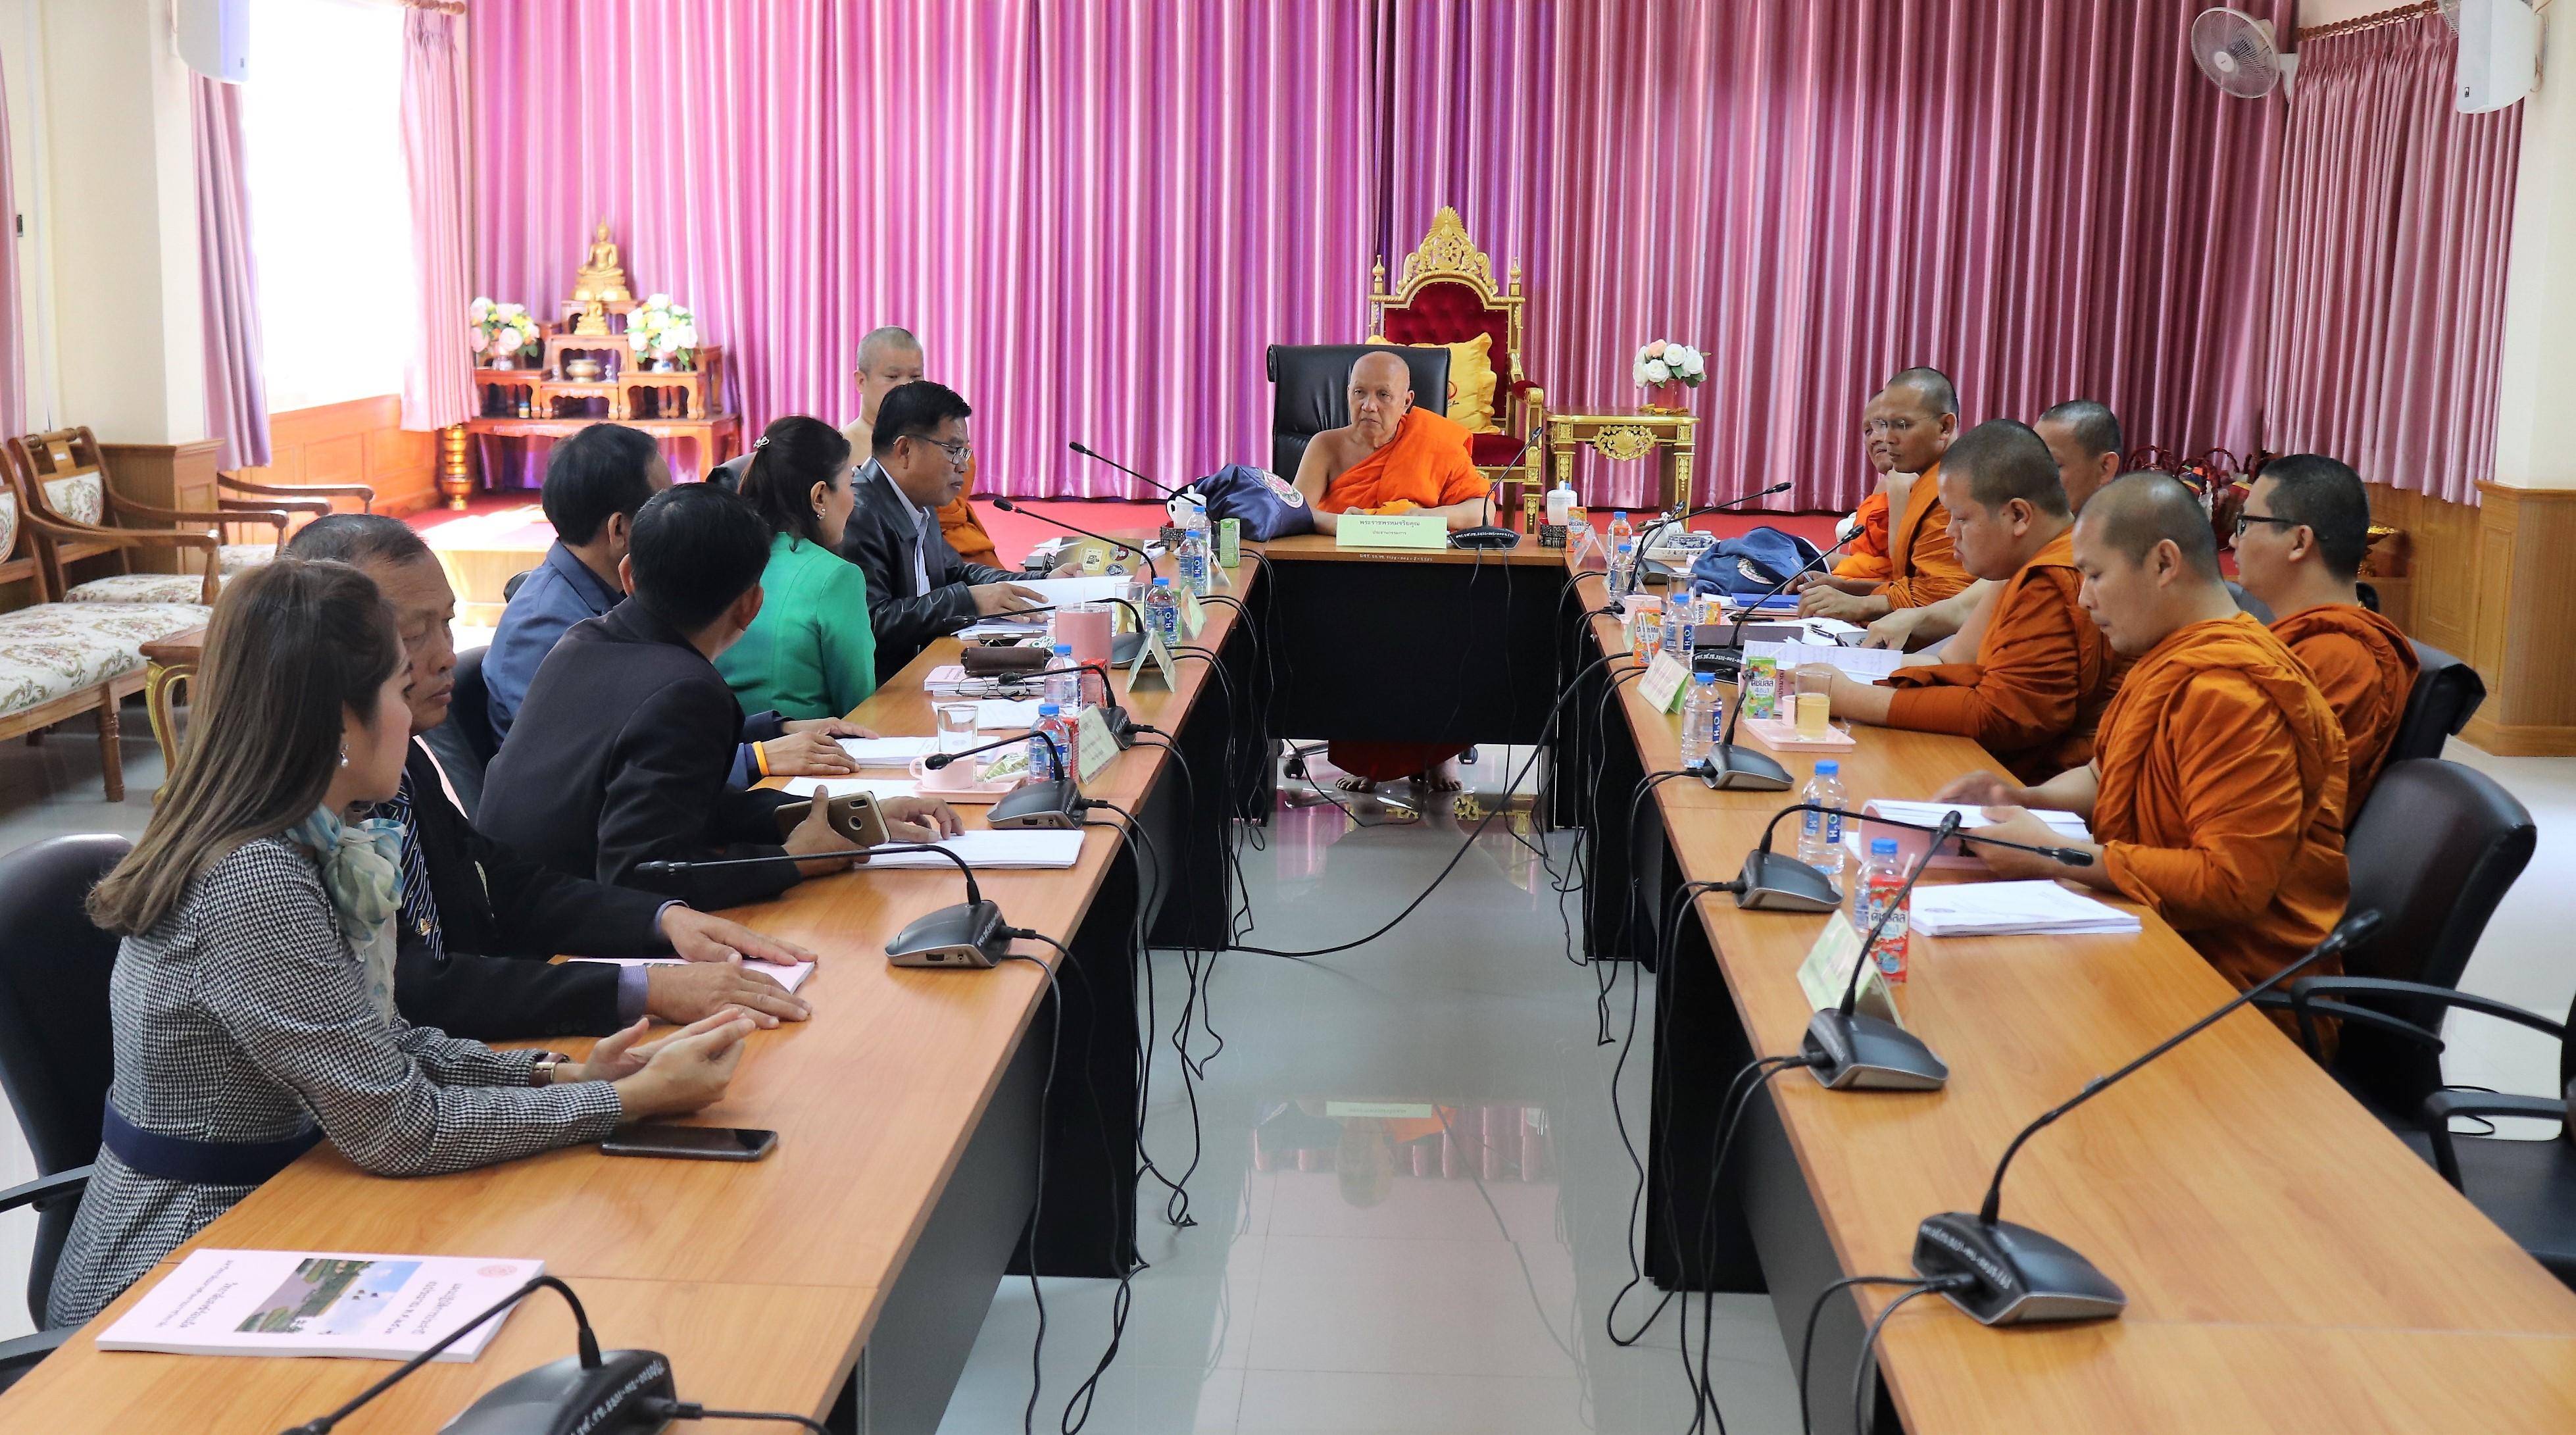 """Photo of """"วิทยาลัยสงฆ์ร้อยเอ็ดแสดงความยินดีในโอกาสรับตำแหน่งผู้อำนวยการสำนักงานพระพุทธศาสนาจังหวัดร้อยเอ็ด"""""""